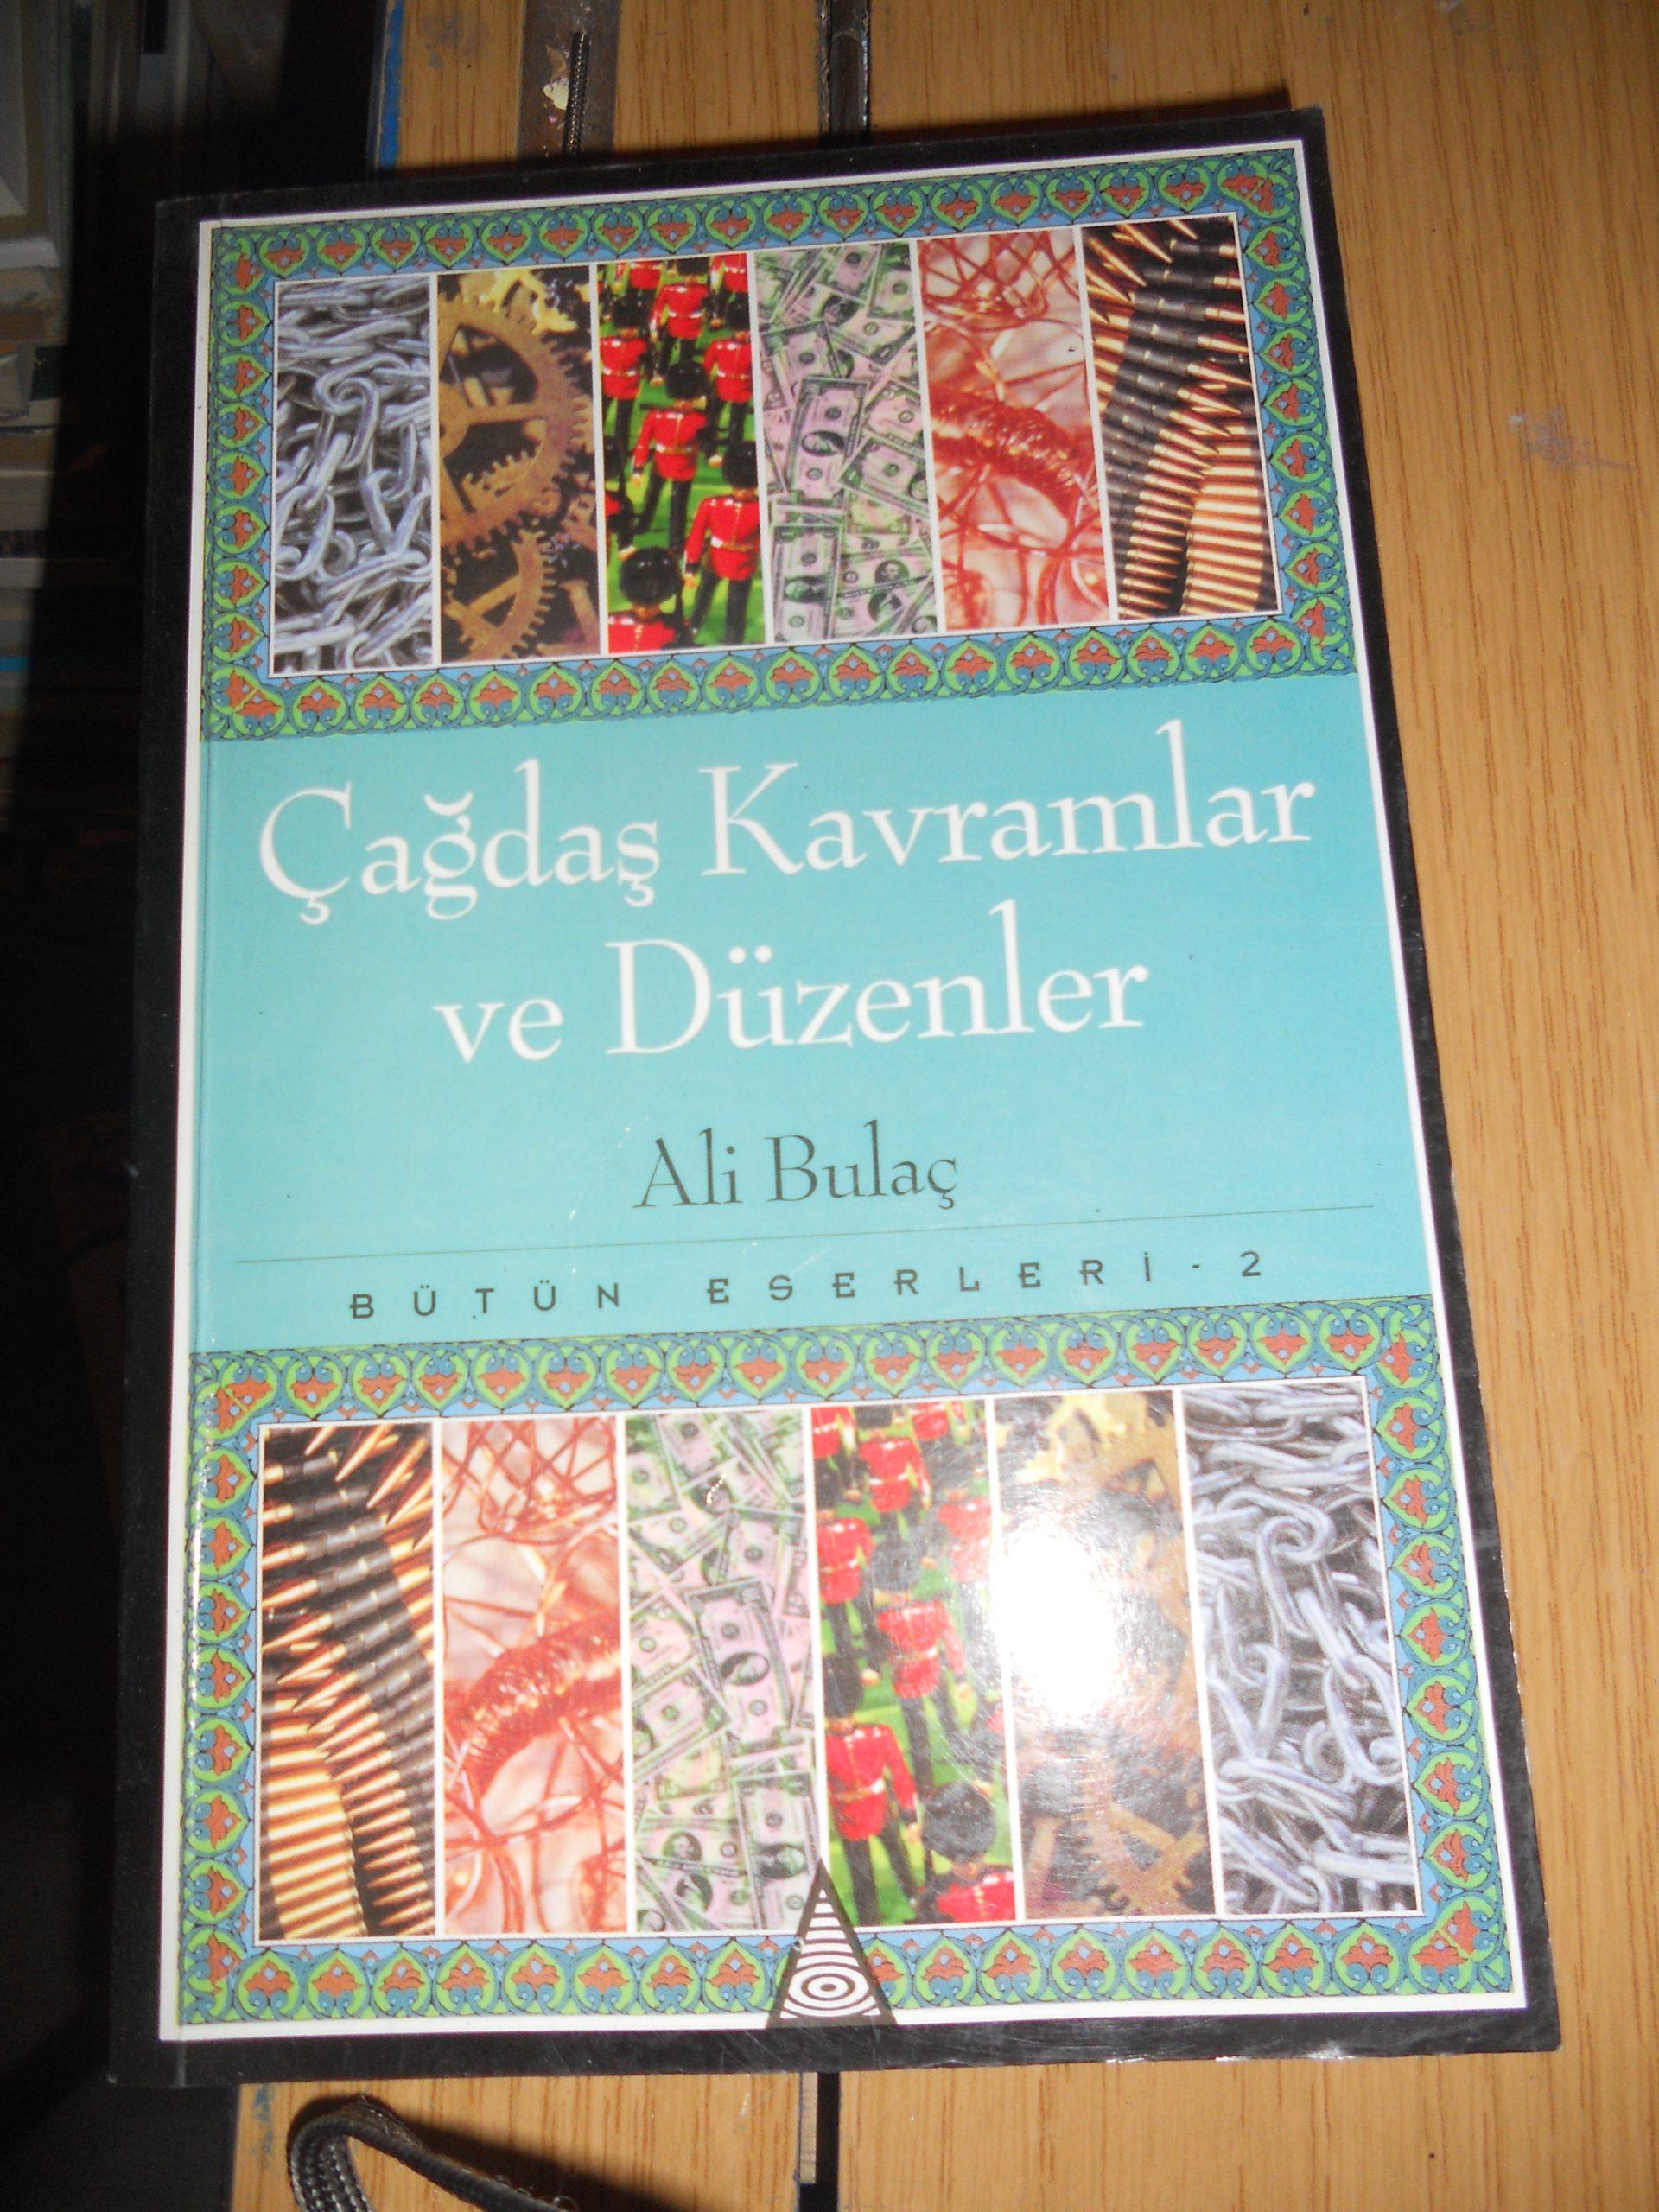 ÇAĞDAŞ KAVRAMLAR VE DÜZENLER/Ali BULAÇ/15 tl